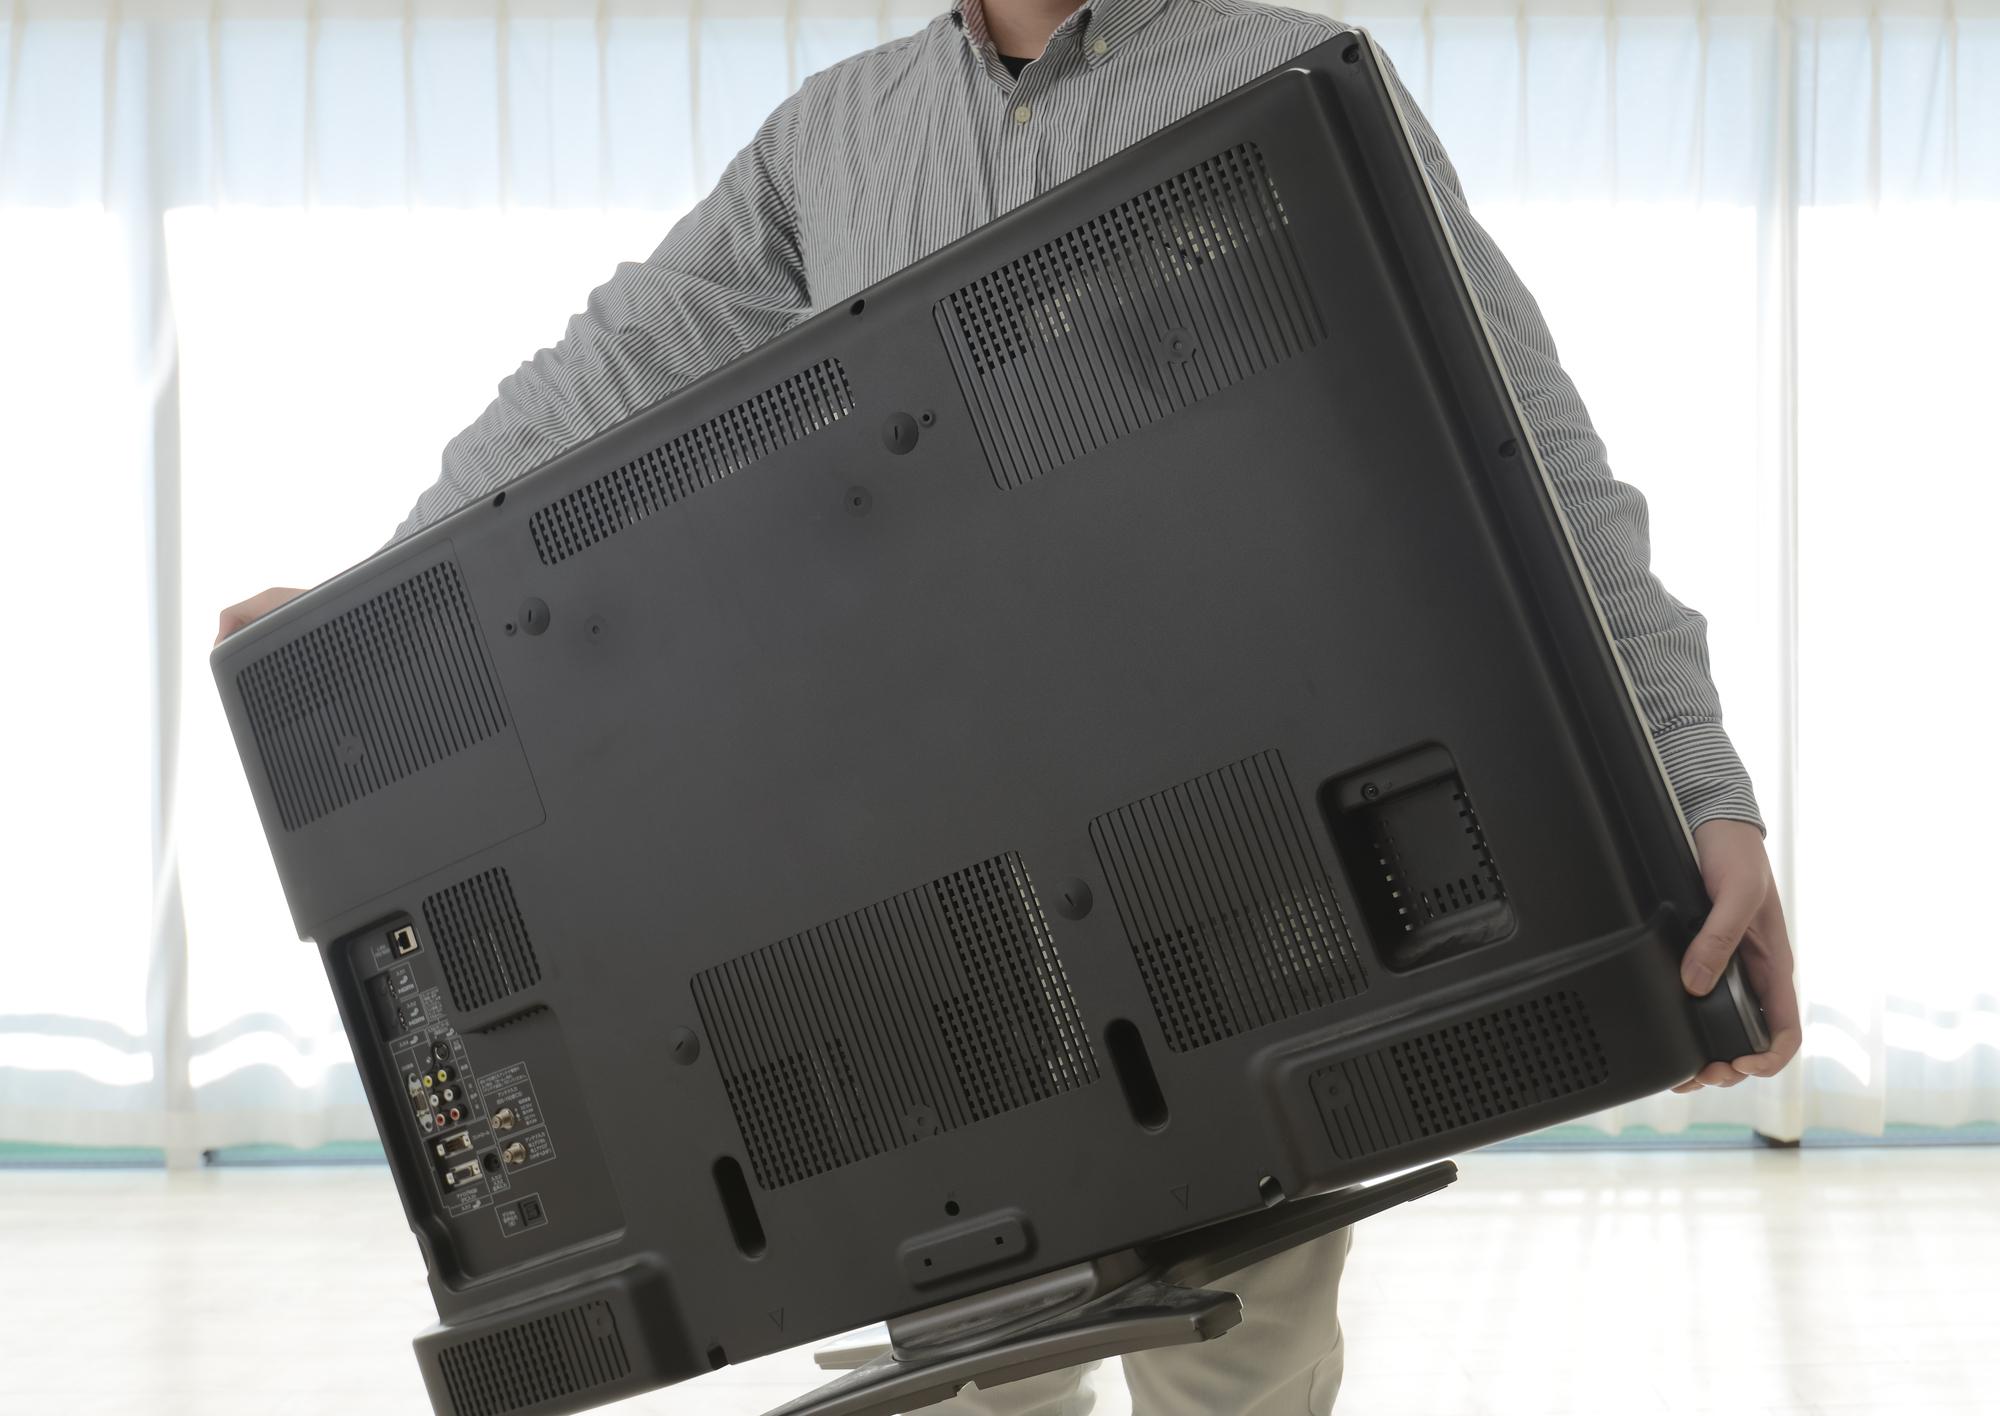 2.テレビ処分でトラブルを回避したい方向け、安全に処分する方法